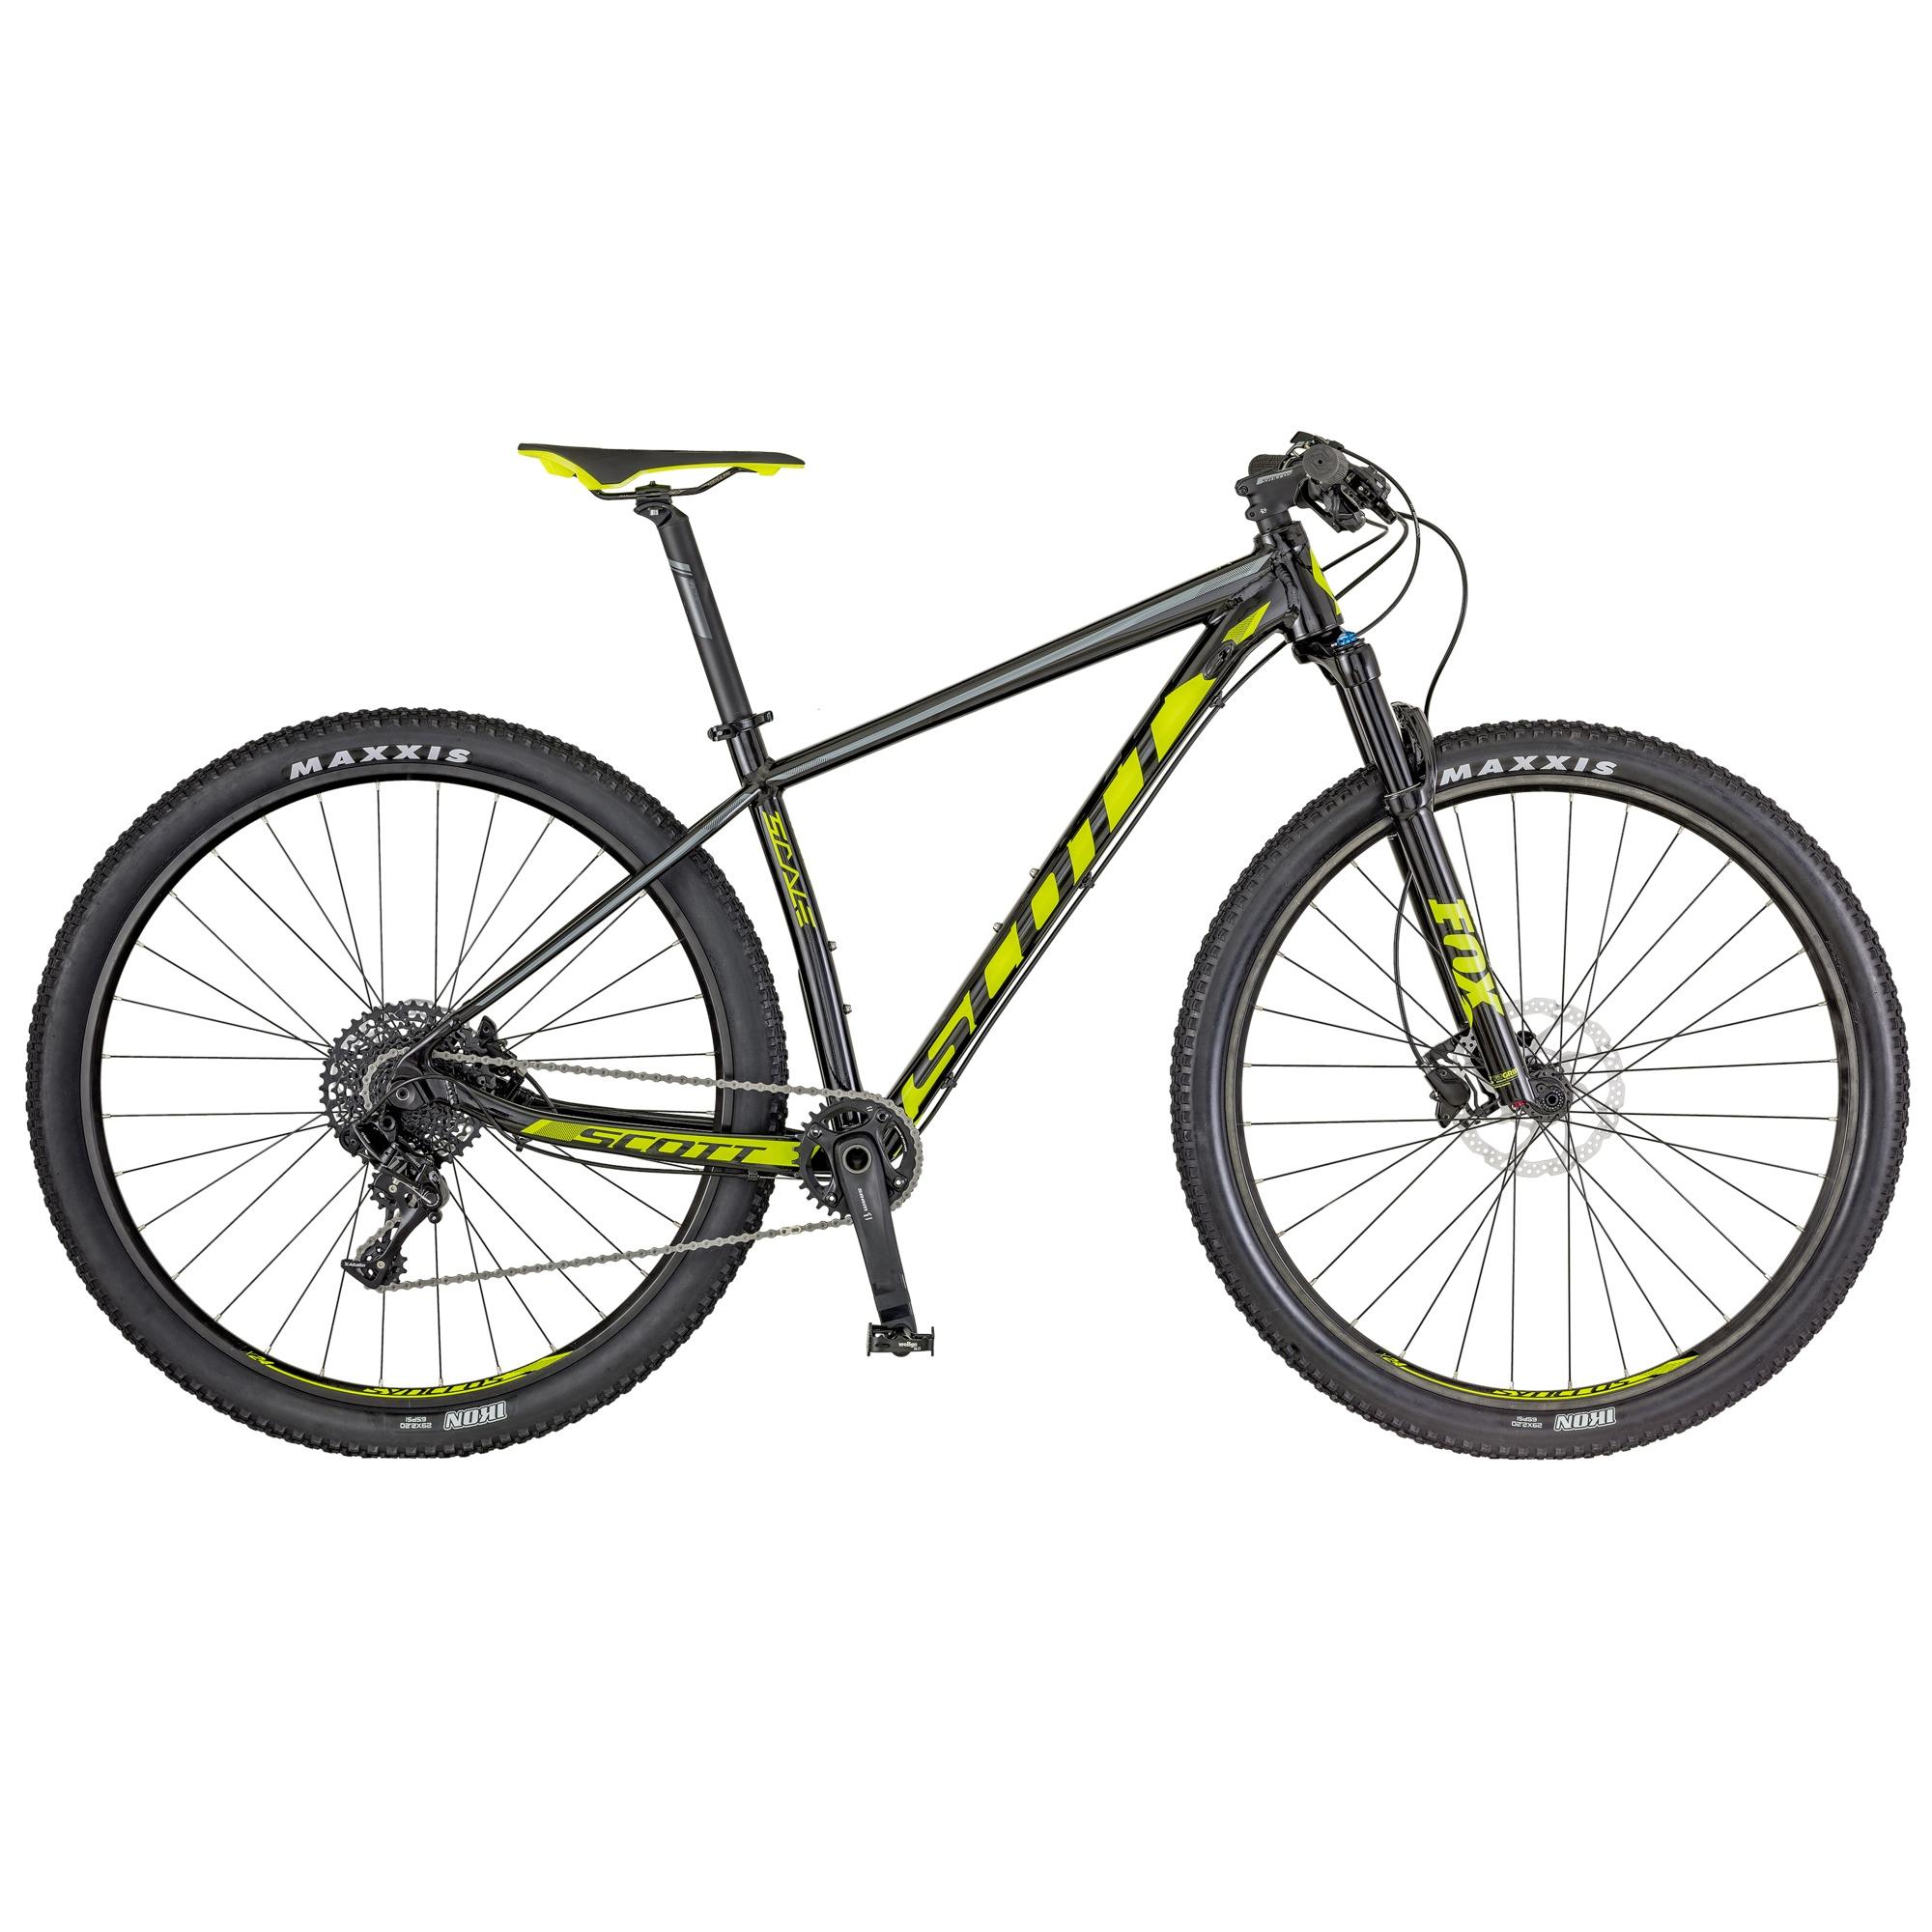 SCOTT Scale 950 Bike M - Rad & Dämpferklinik GmbH